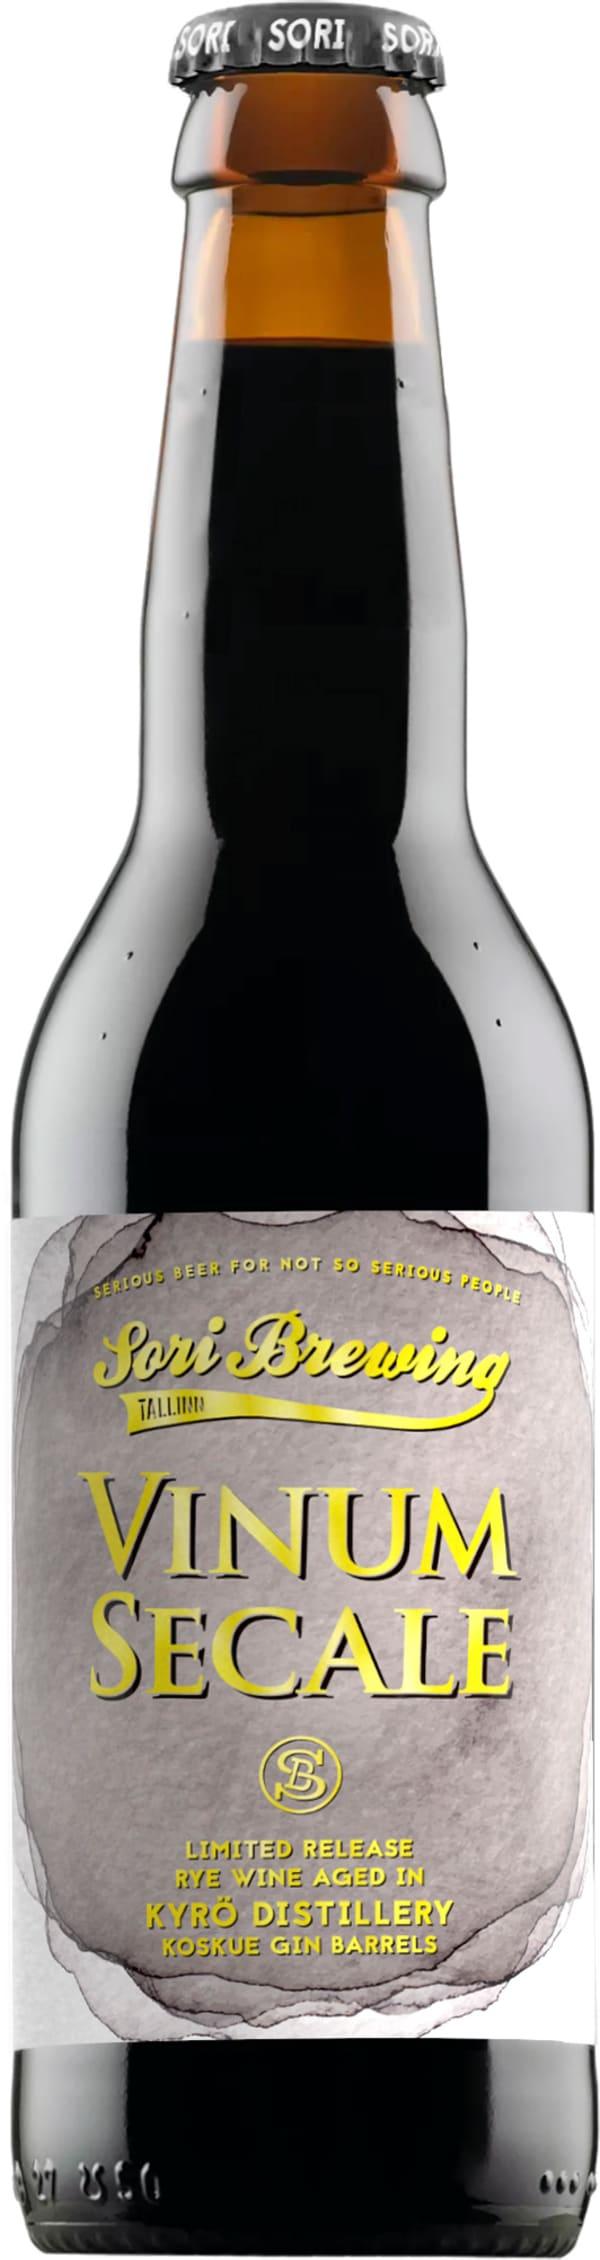 Sori Brewing Vinum Secale